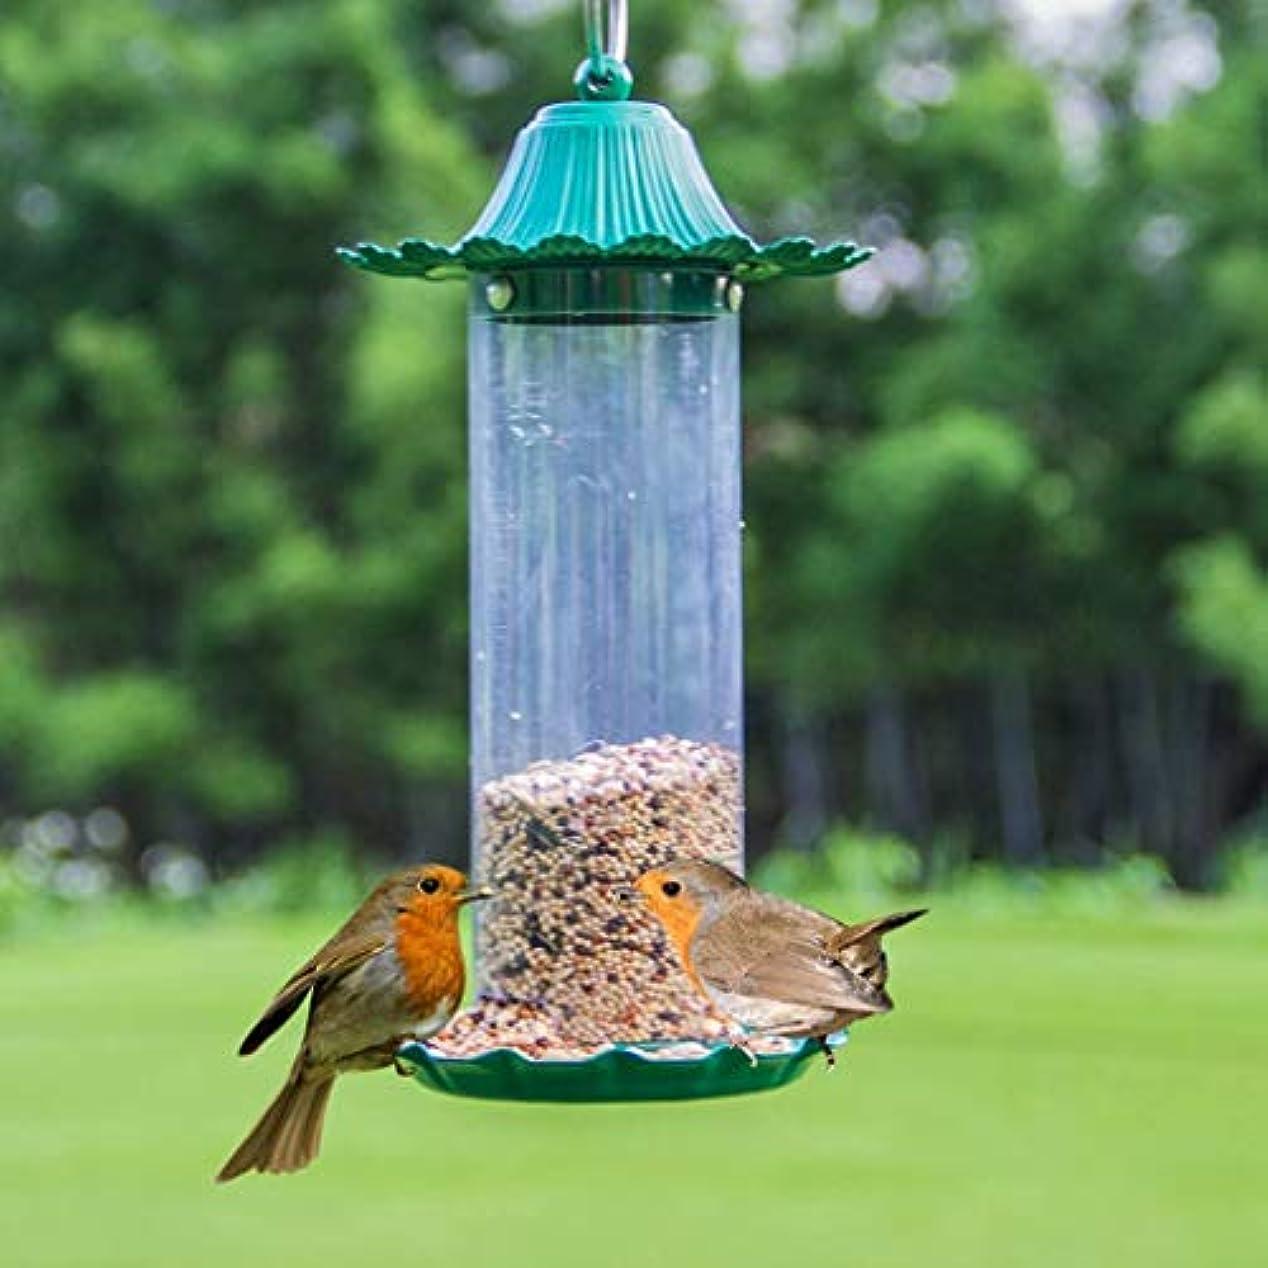 サービス無視できるガラガラDJNLWSQ 鳥の恋人のためのウォッチング野鳥の餌箱ハミングバードフィーダー自動付金属屋根のパーフェクトのために庭の装飾と鳥フィーダー脂肪球。、緑 W4S0Q8 (色 : 紫の)